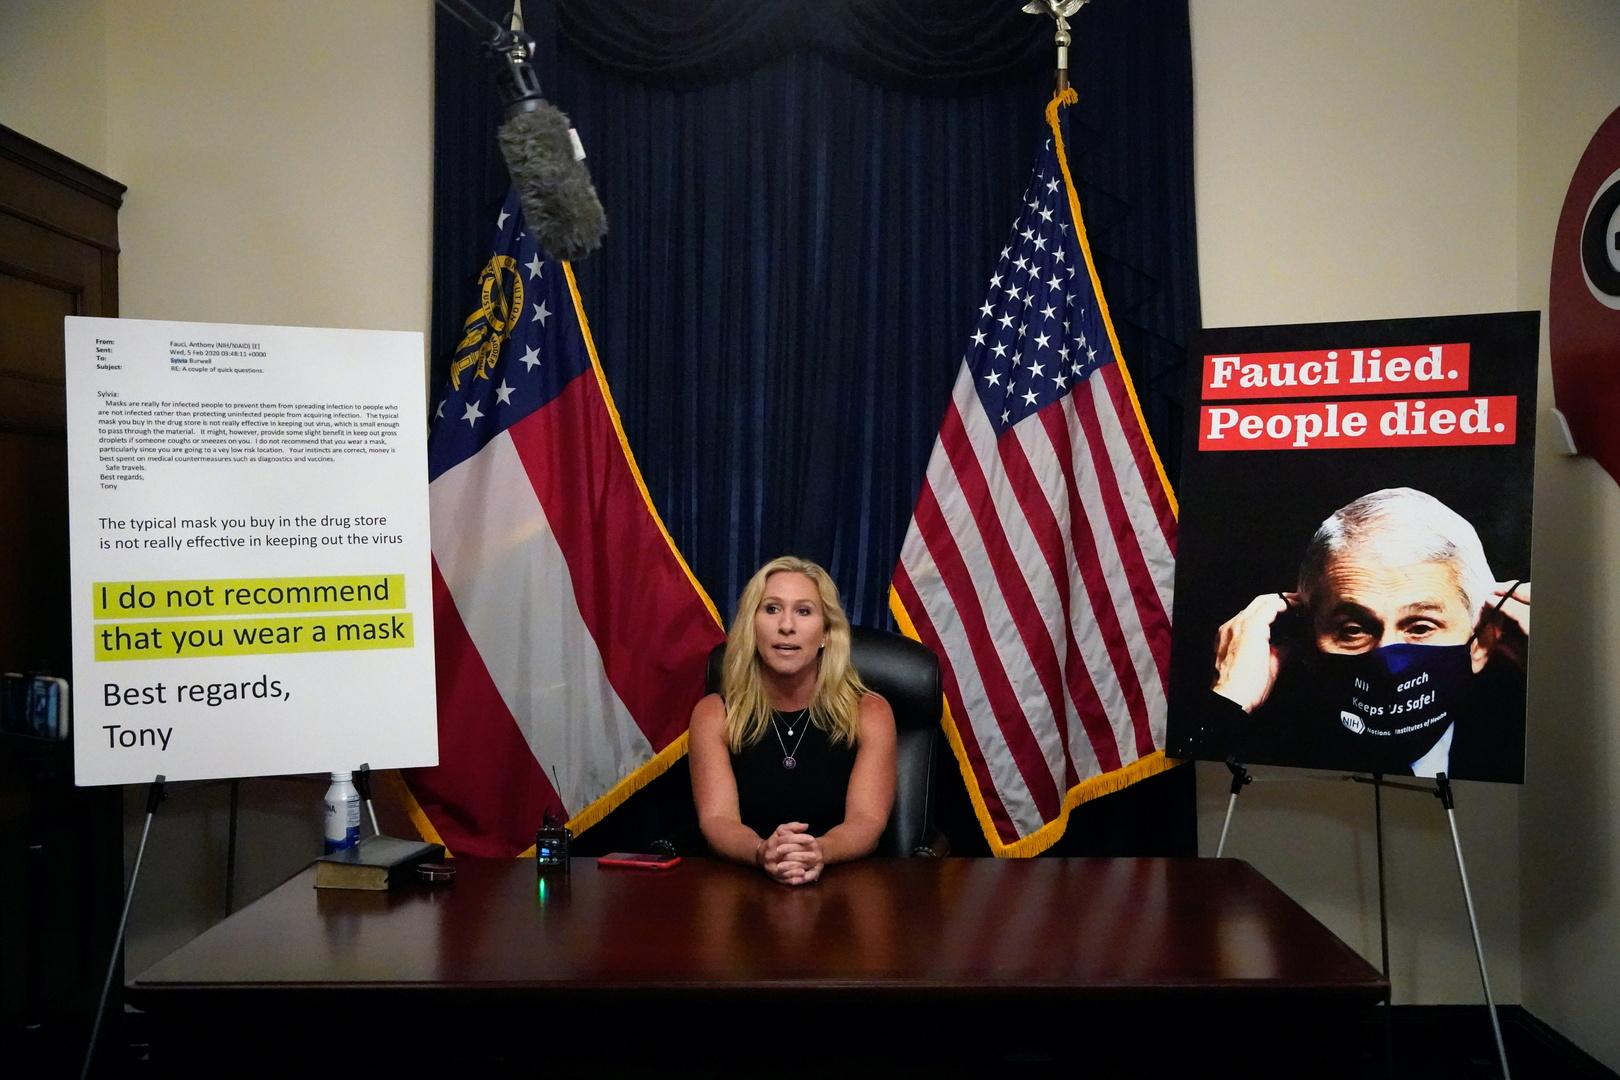 غرامة مالية على نائبين جمهوريين لرفضهما ارتداء الكمامة في مبنى الكونغرس